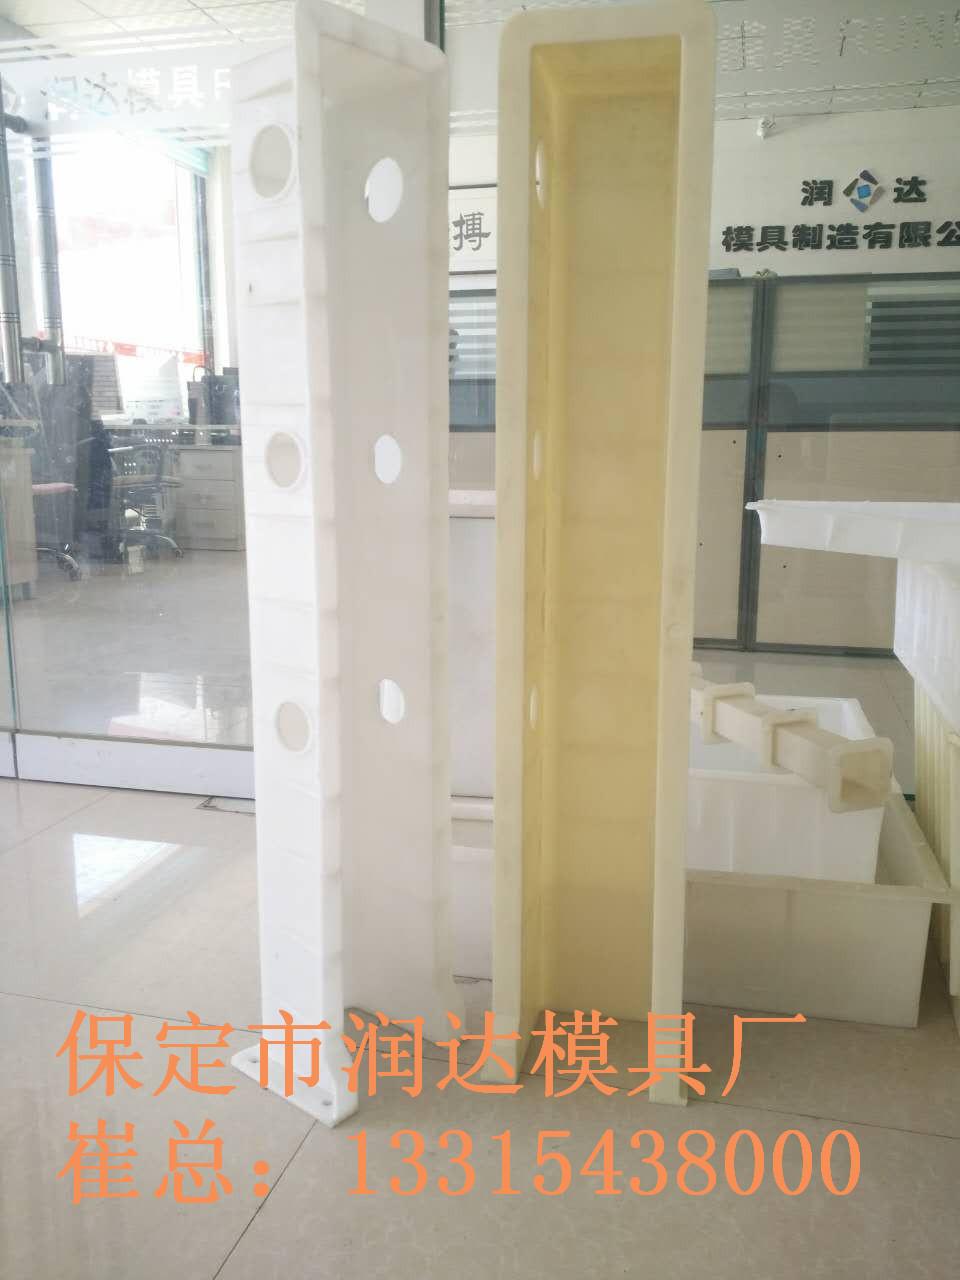 防護立柱塑料模具 用法